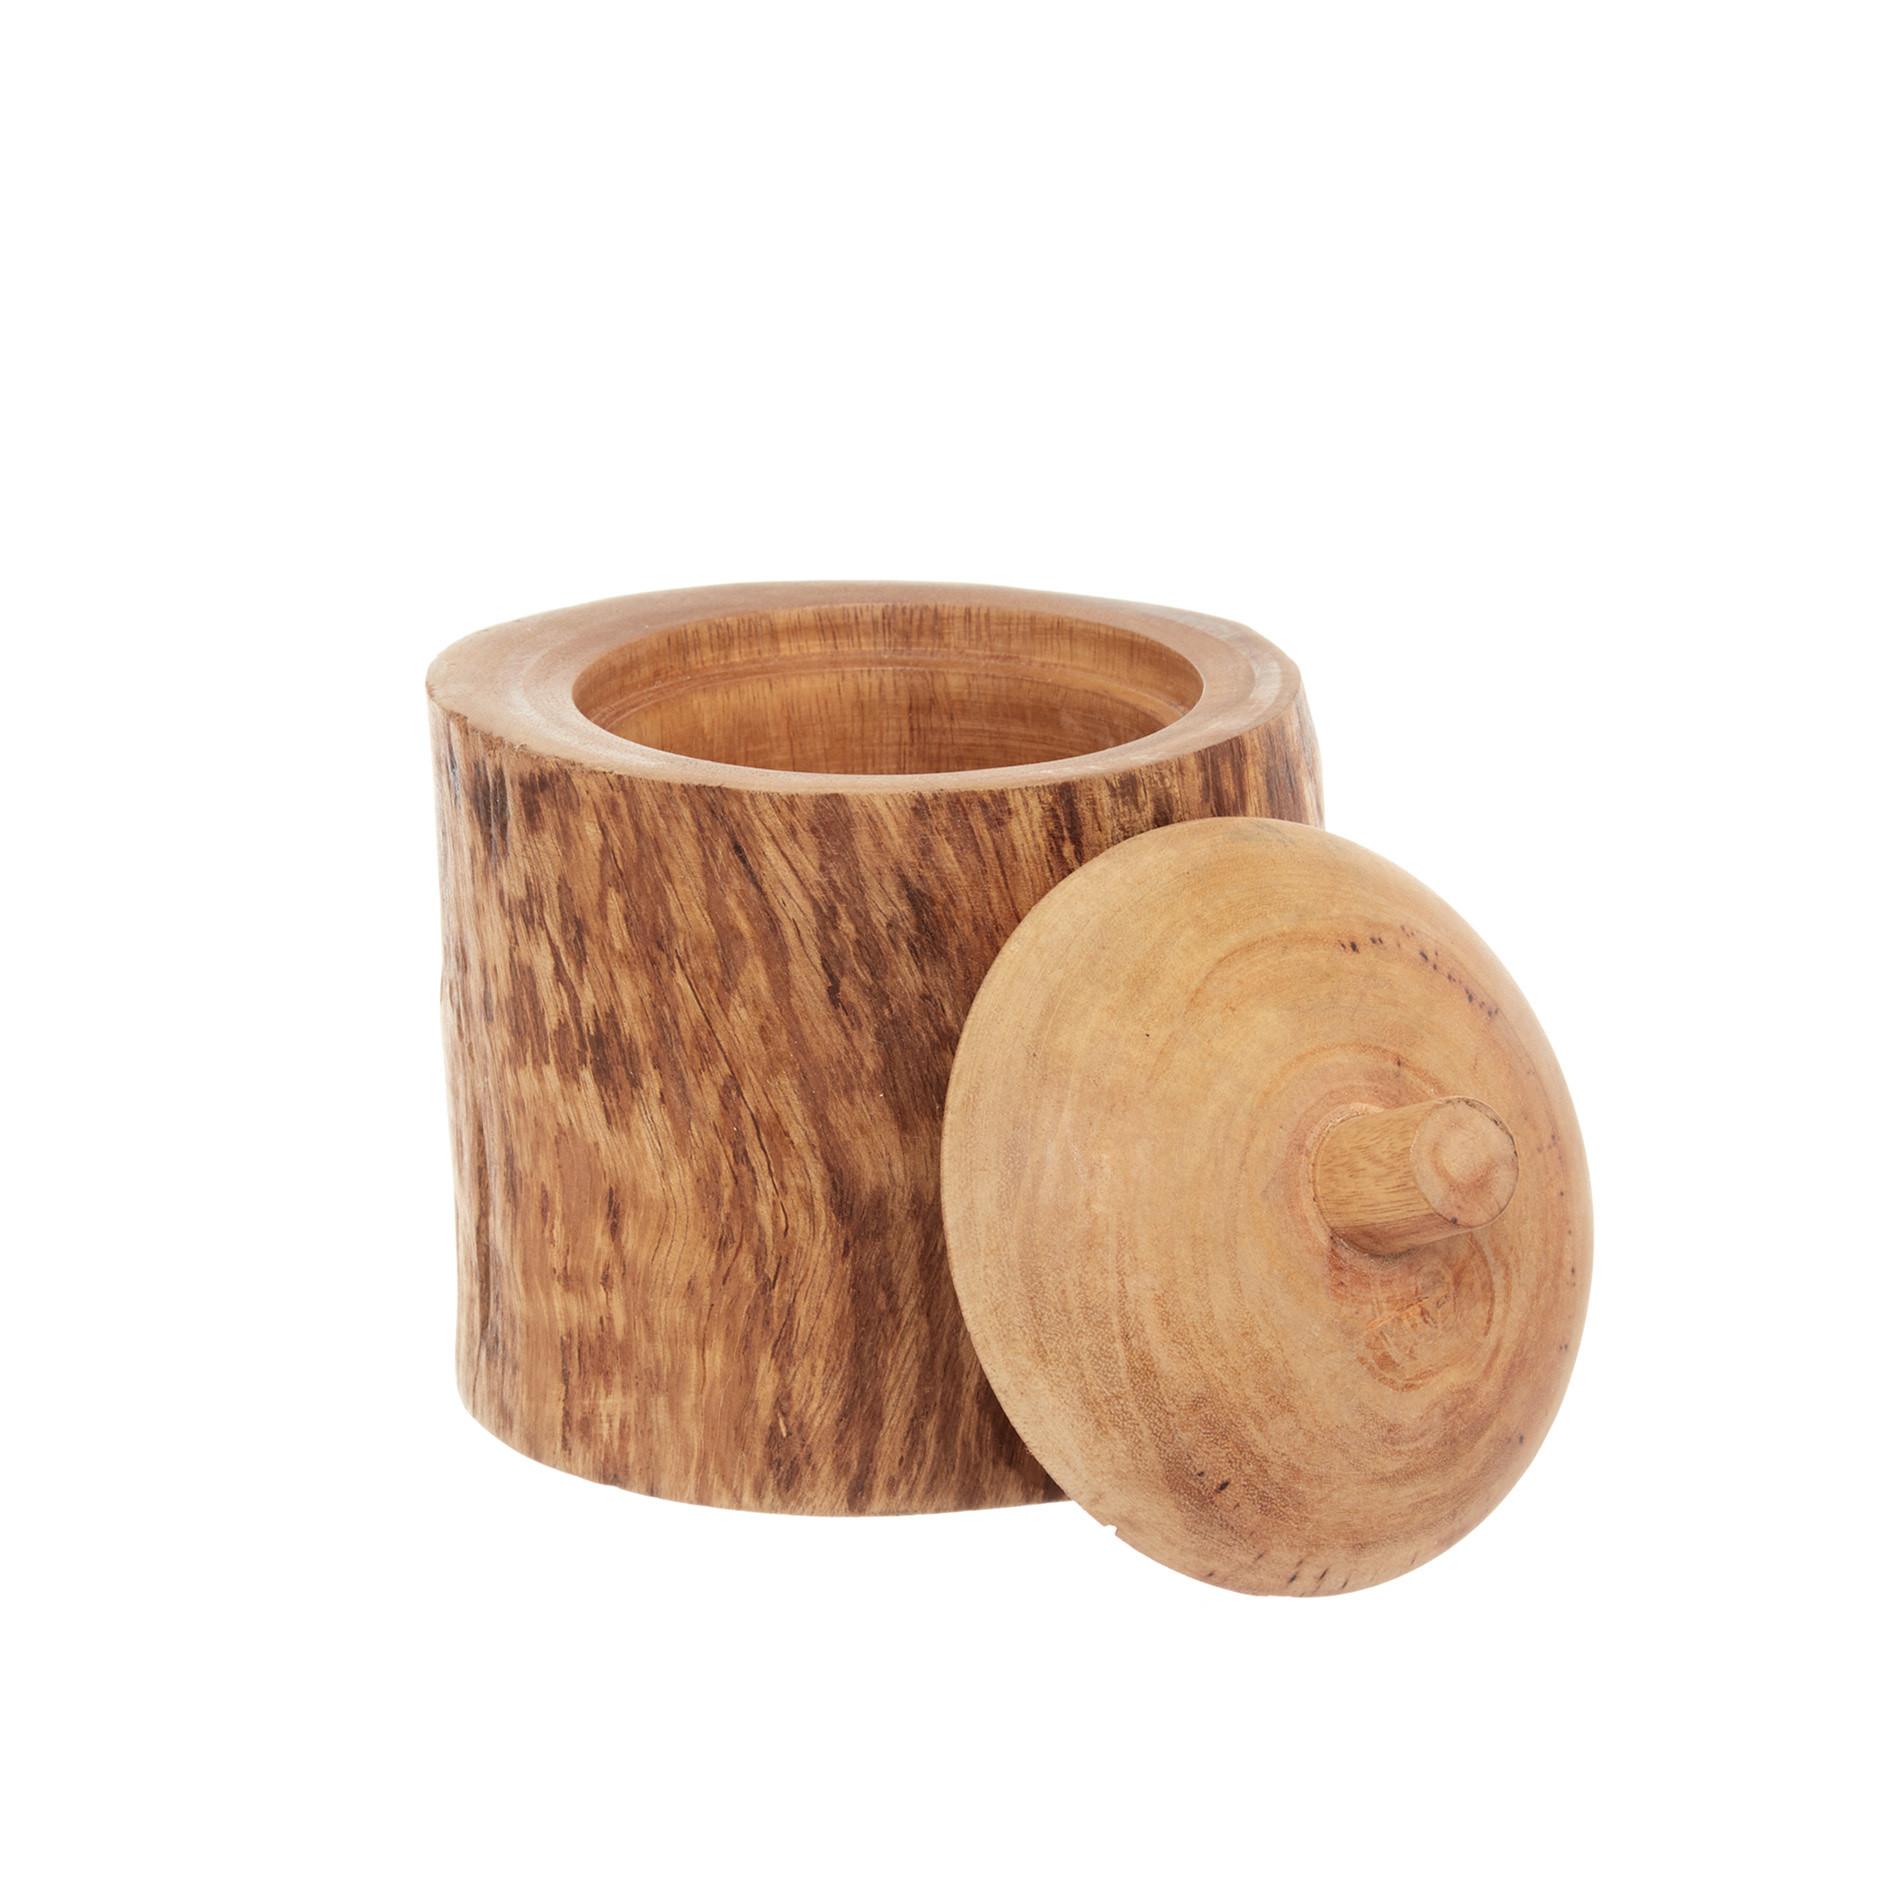 Box legno di mango decorato a mano, Marrone, large image number 0